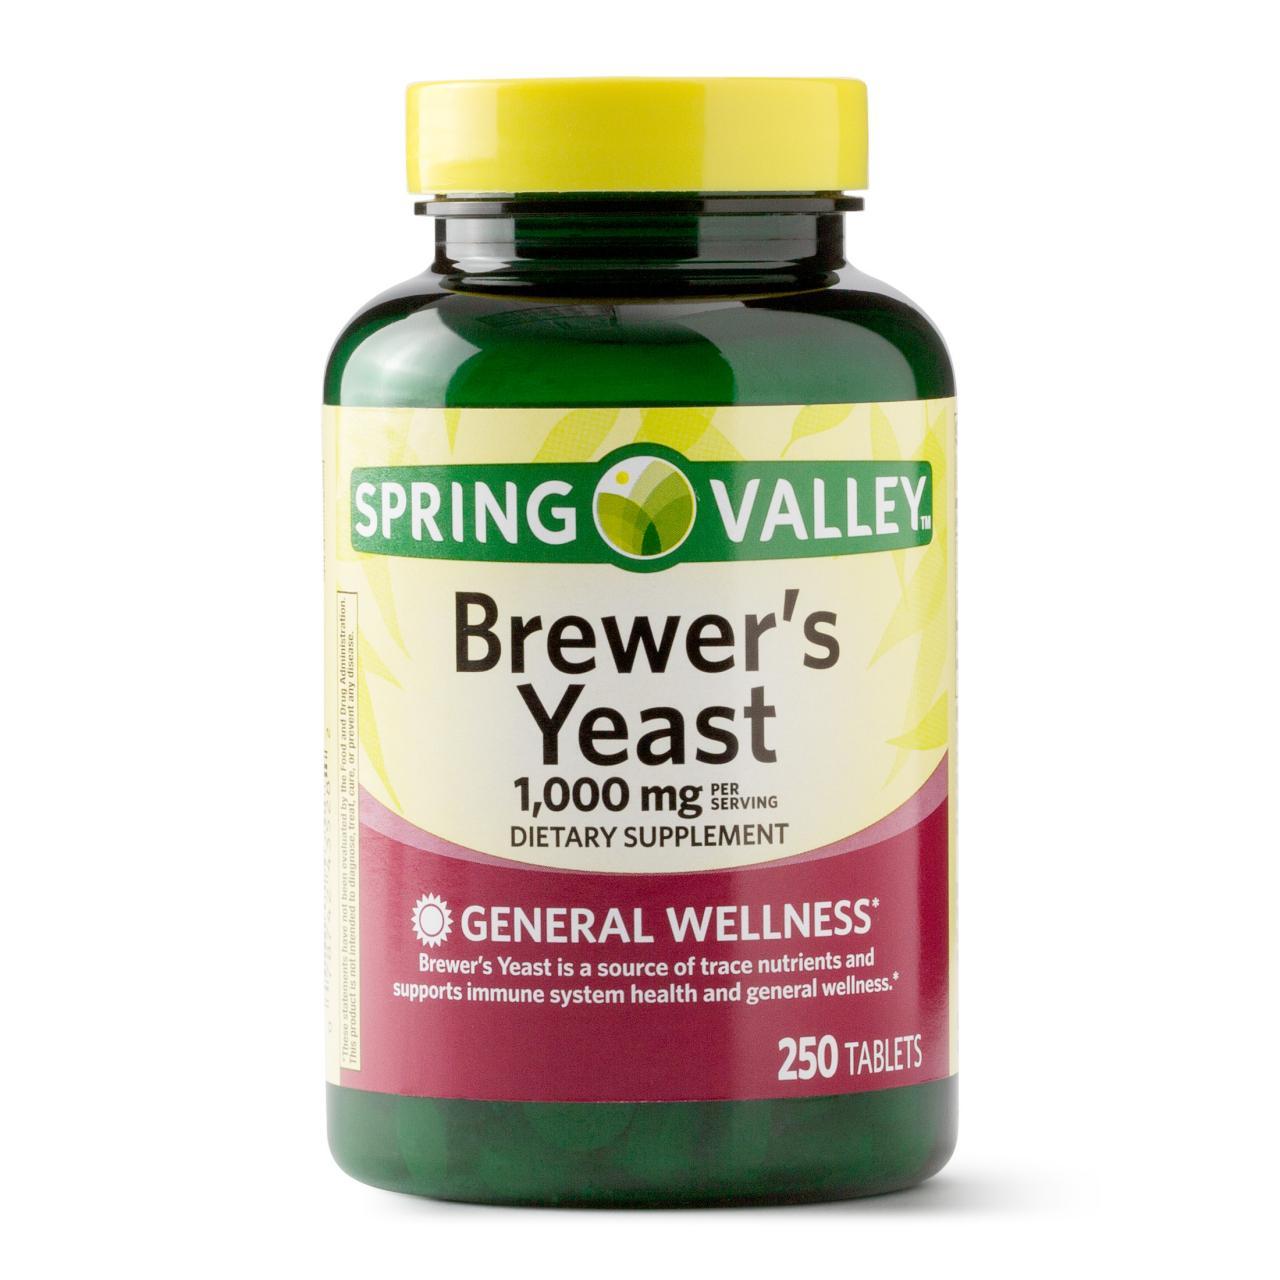 صور brewers yeast فوائد , الخميرة البيرة وفوائدها للجسم